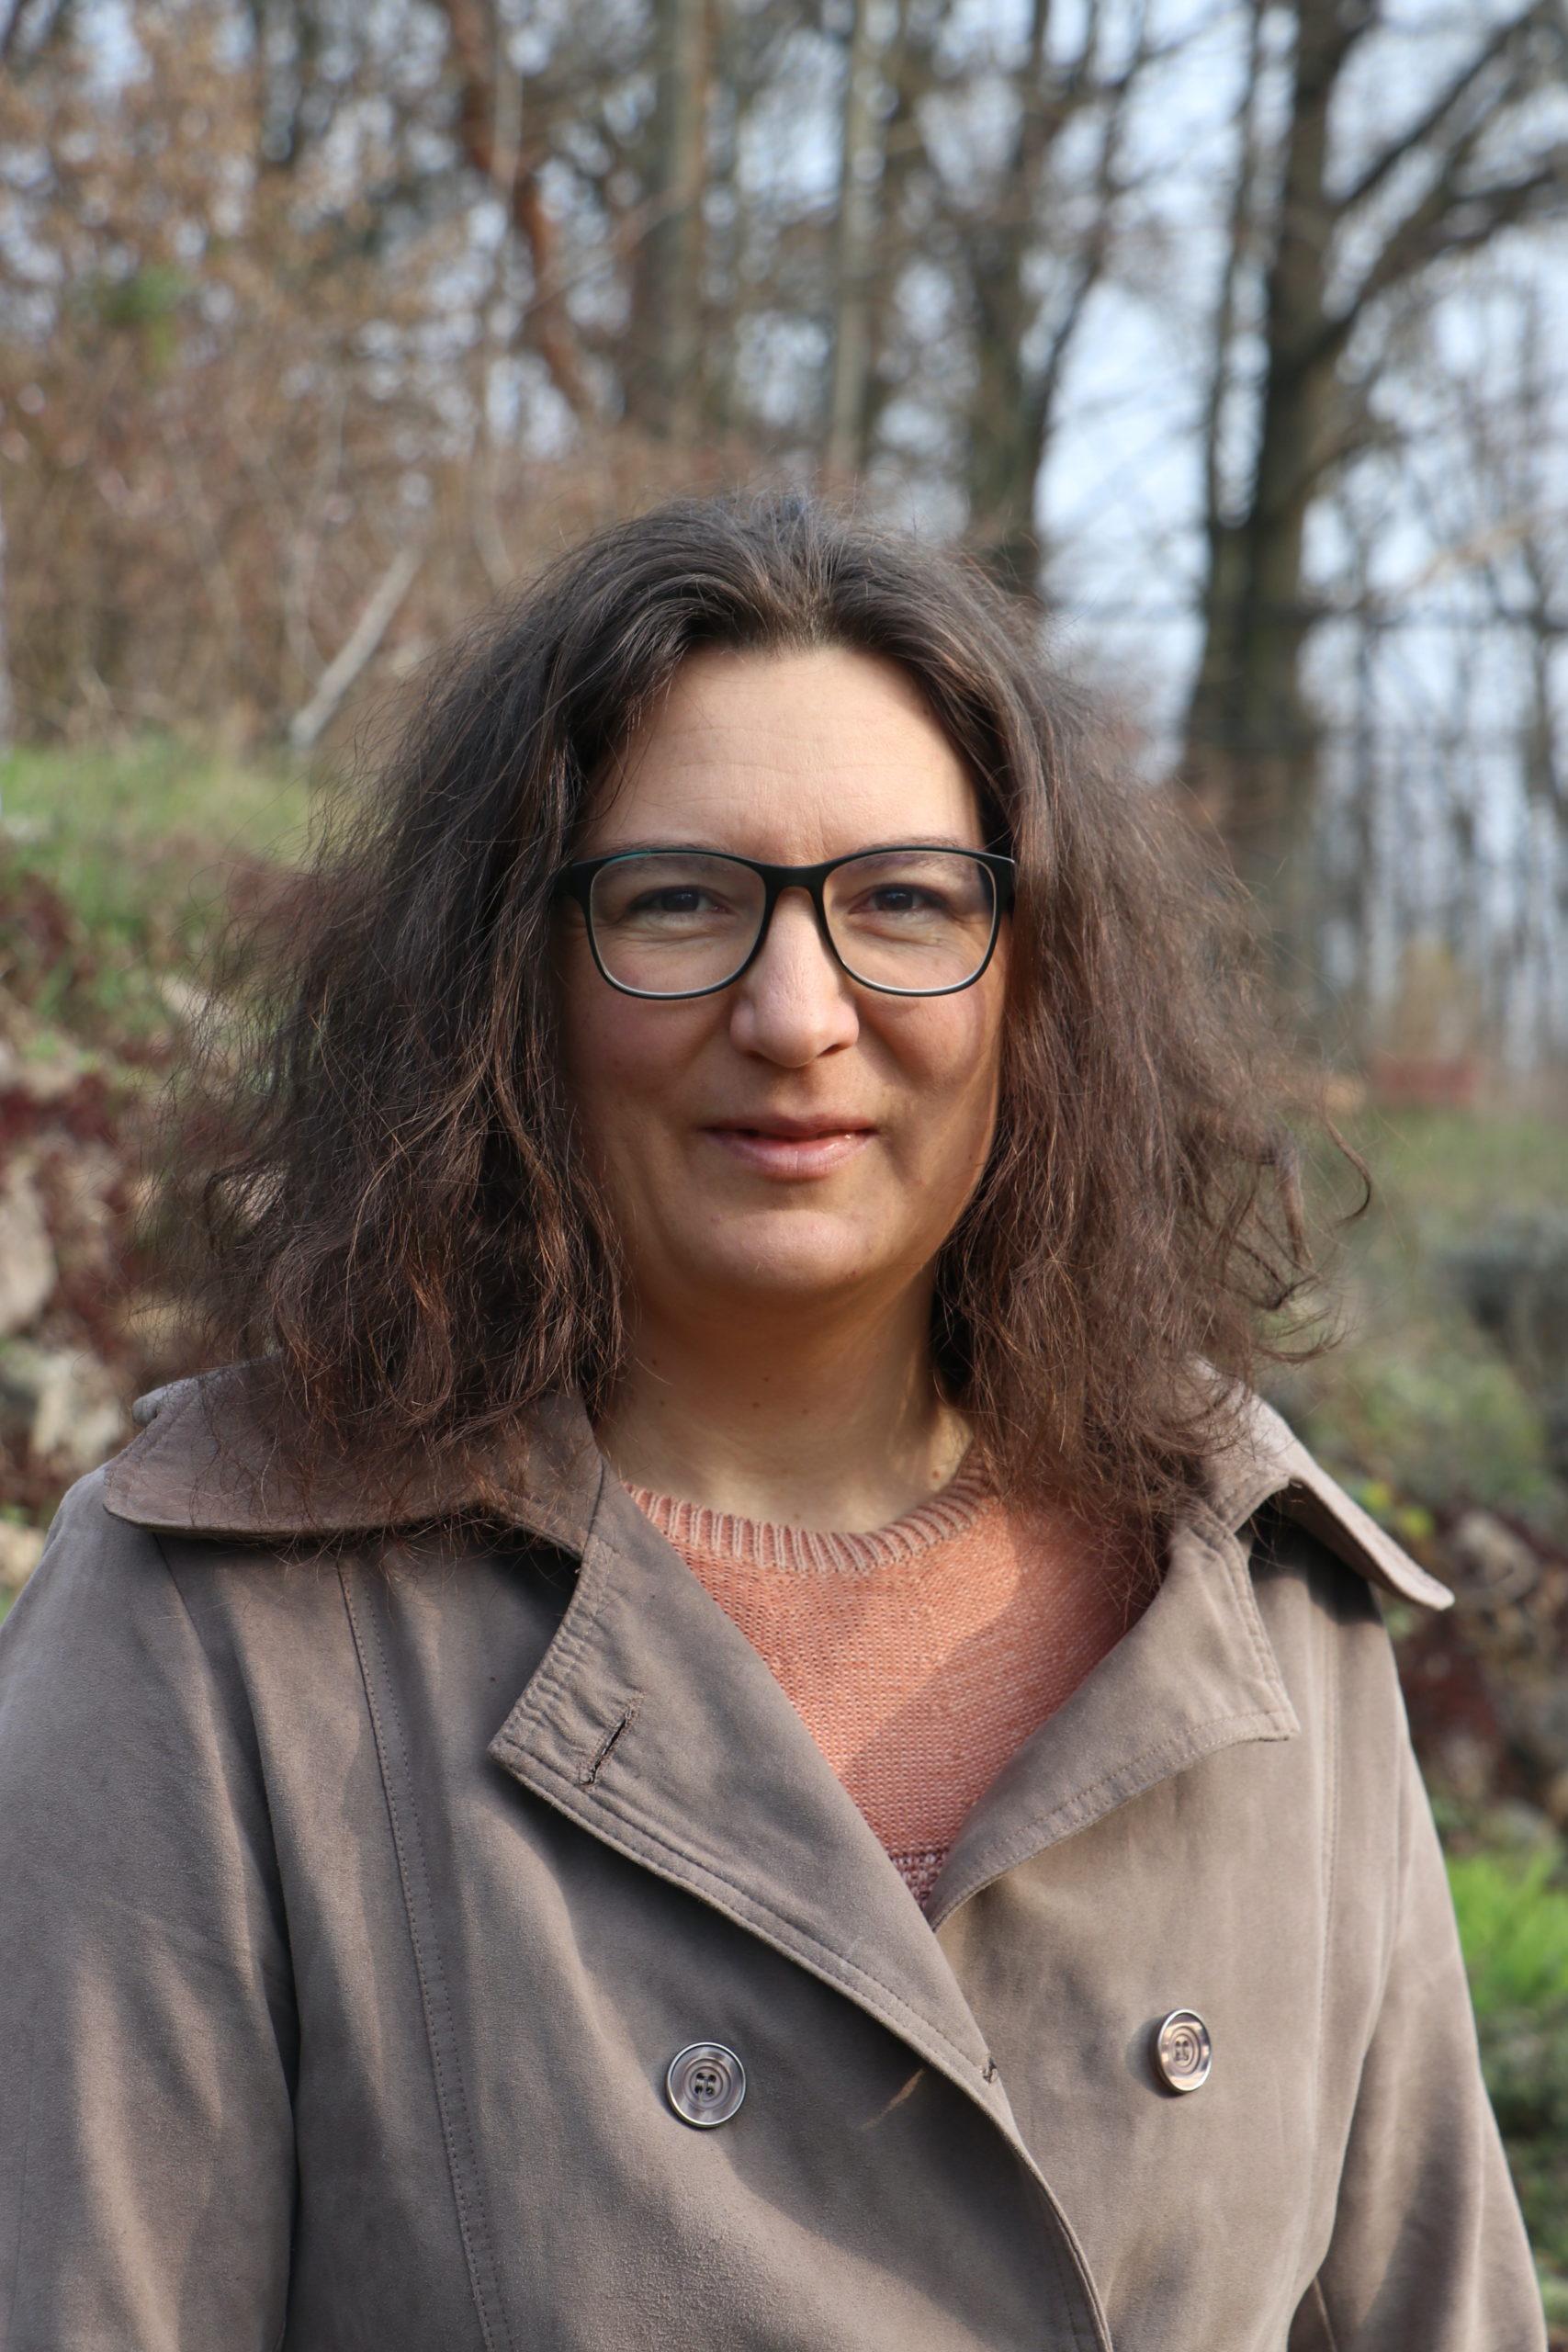 Corinna Ullrich geht als GRÜNE Direktkandidatin ins Rennen zur Bundestagswahl